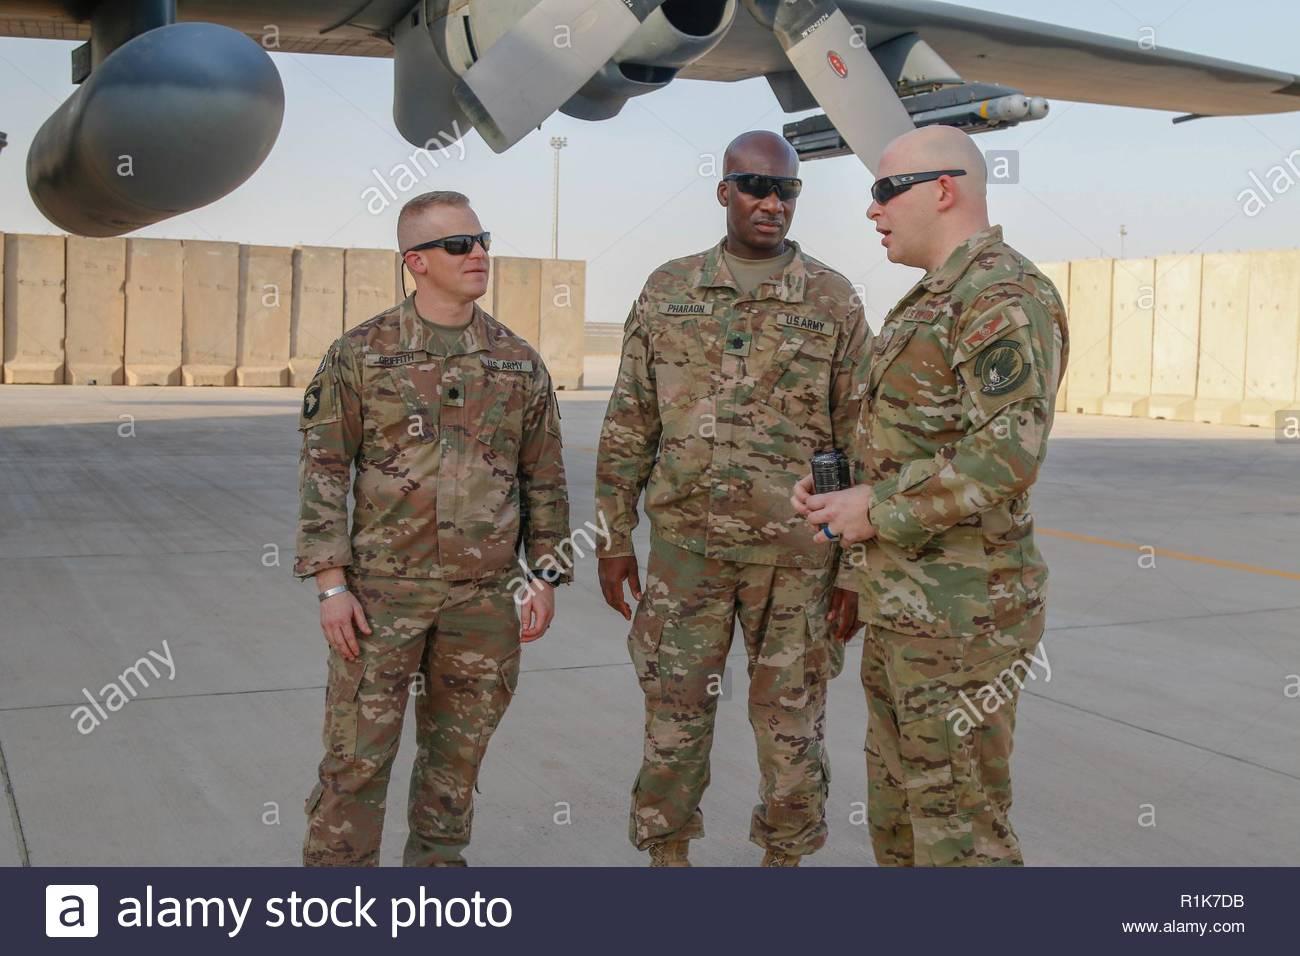 U.S. Air Force Tech. Le Sgt. Brent Armstrong, droite, surintendant des opérations expéditionnaires pour 16e Escadron d'opérations spéciales, répond aux questions sur l'AC-130W II Stinger de combat du lieutenant-colonel de l'armée américaine Jessie Griffith, à gauche), commandant du 925e Bataillon du contractant, à l'Al Asad Air Base (AAAB), l'Iraq, 5 octobre 2018. AAAB est une combinaison d'un groupe de travail conjoint - Fonctionnement amélioré la capacité inhérente de résoudre partenaire emplacement consacre à la formation des forces des partenaires et renforcer leur efficacité. Photo Stock